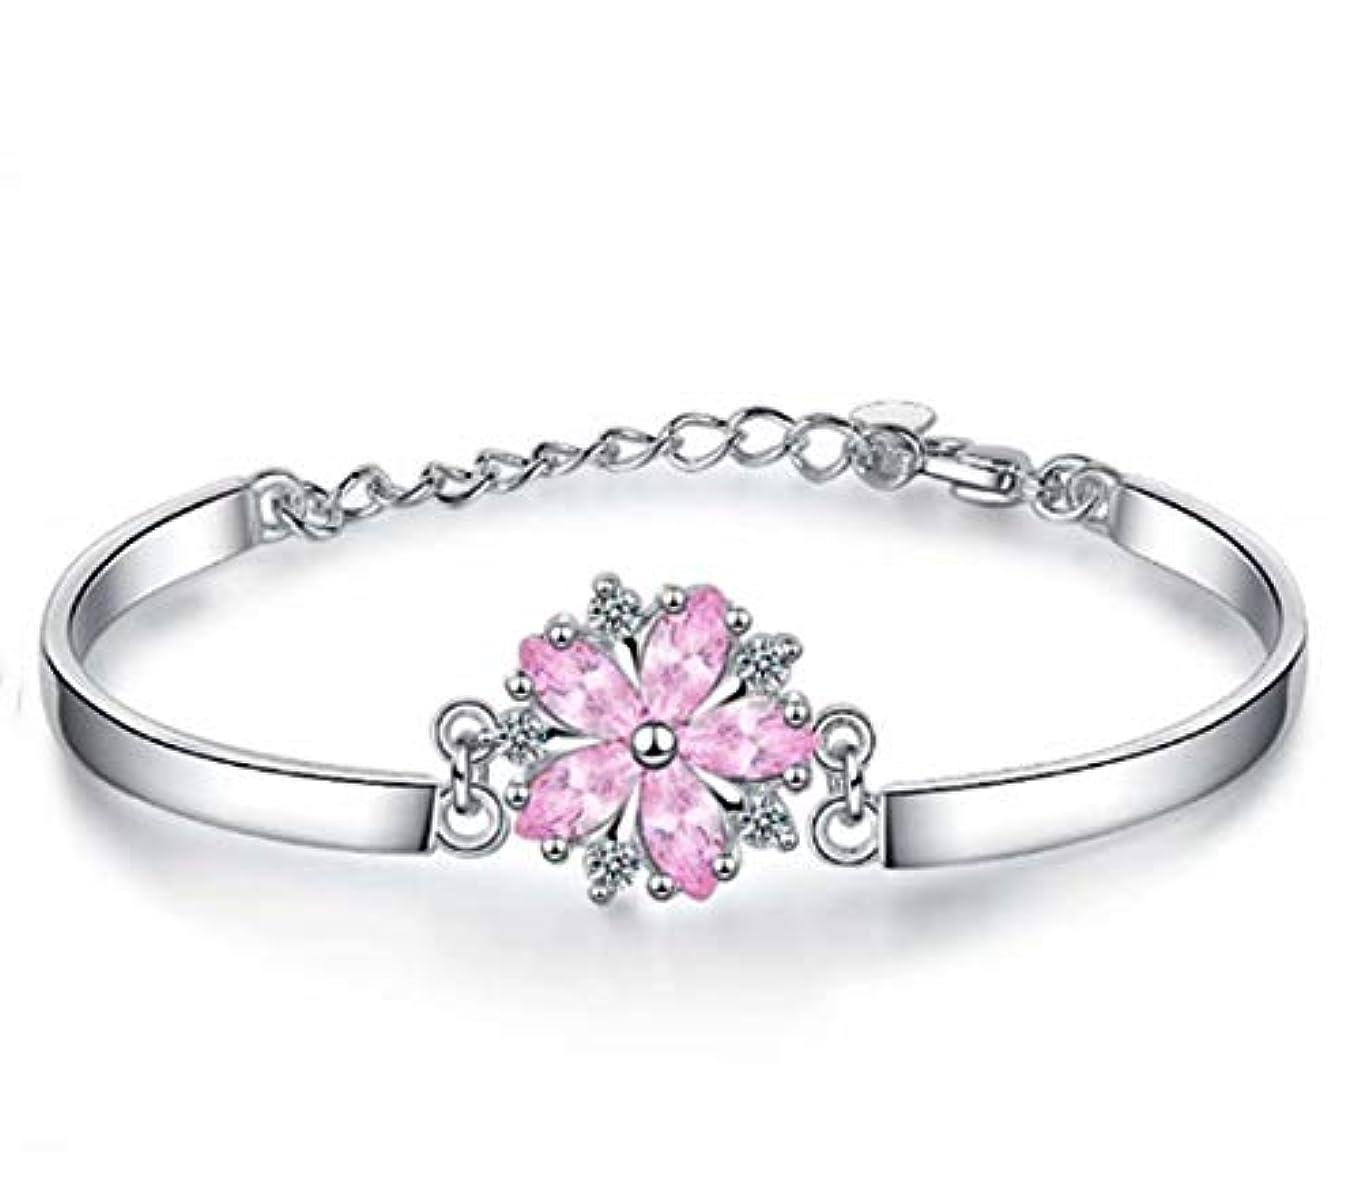 フィードバック非常に酔って七里の香 サクラブレスレットレディース フラワー 桜の花 ピンク腕輪 バングル 花びら ギフト 長さ調整可